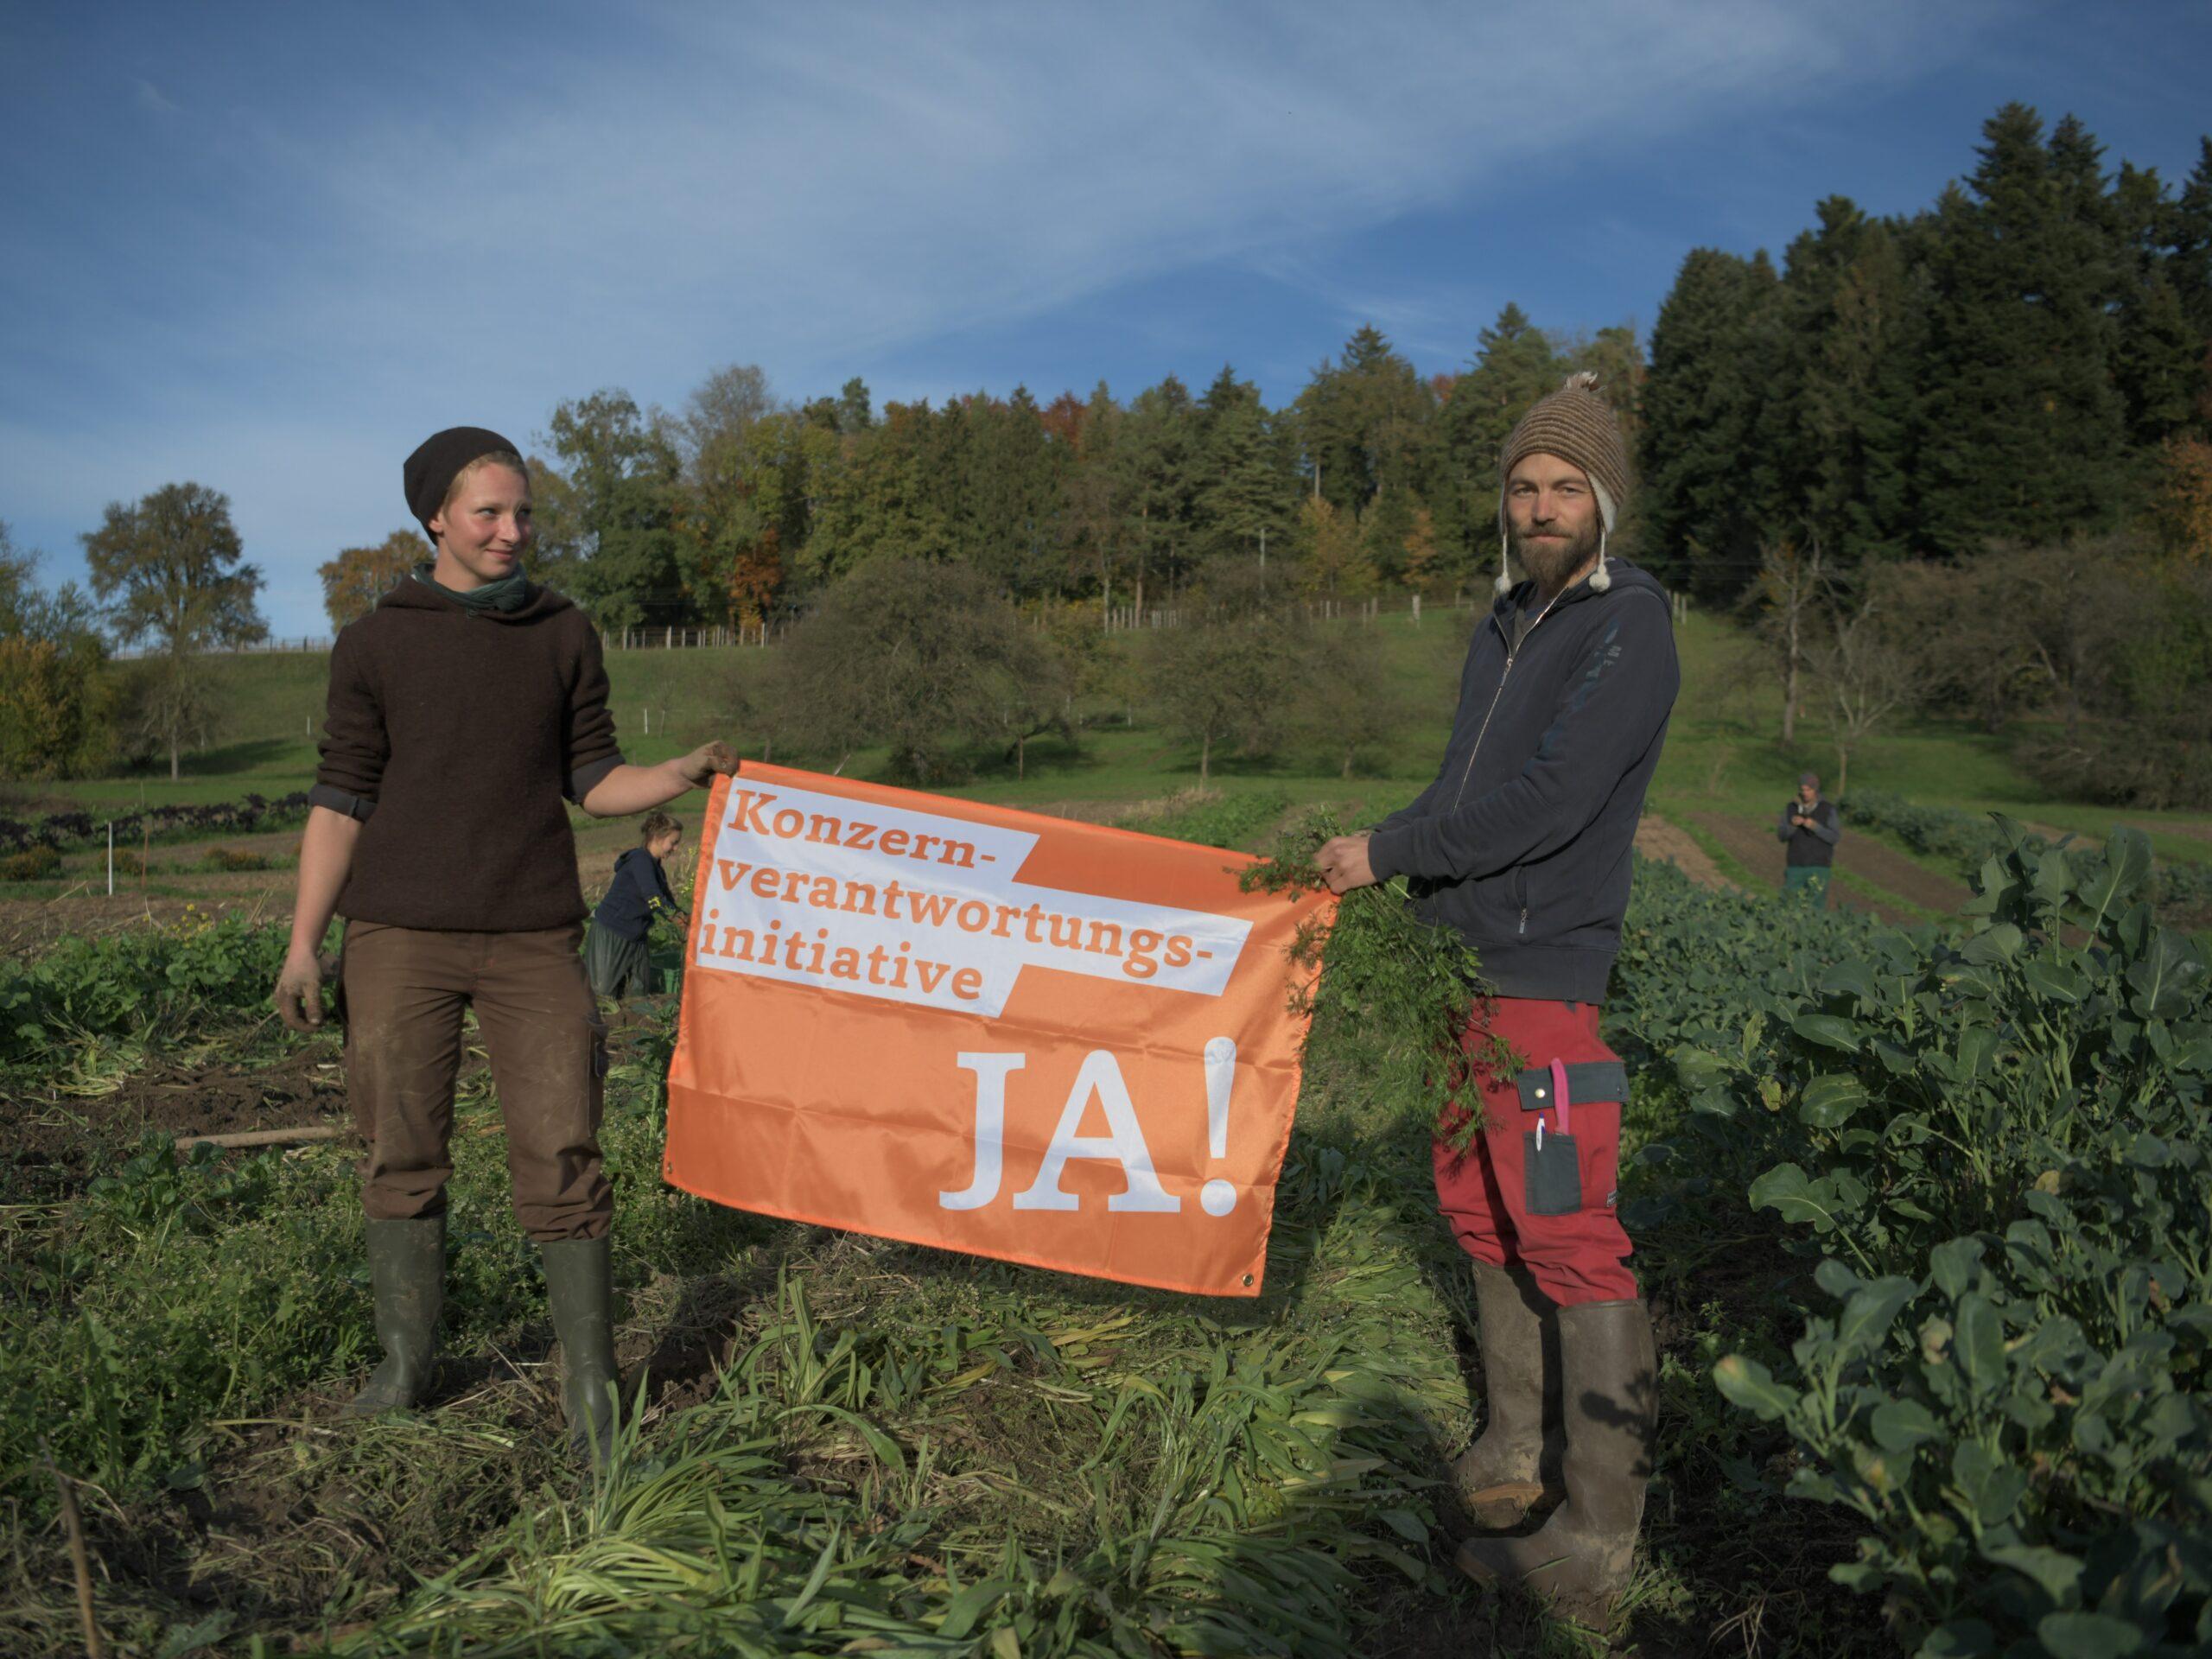 Bäuerinnen und Bauern für Konzernverantwortung